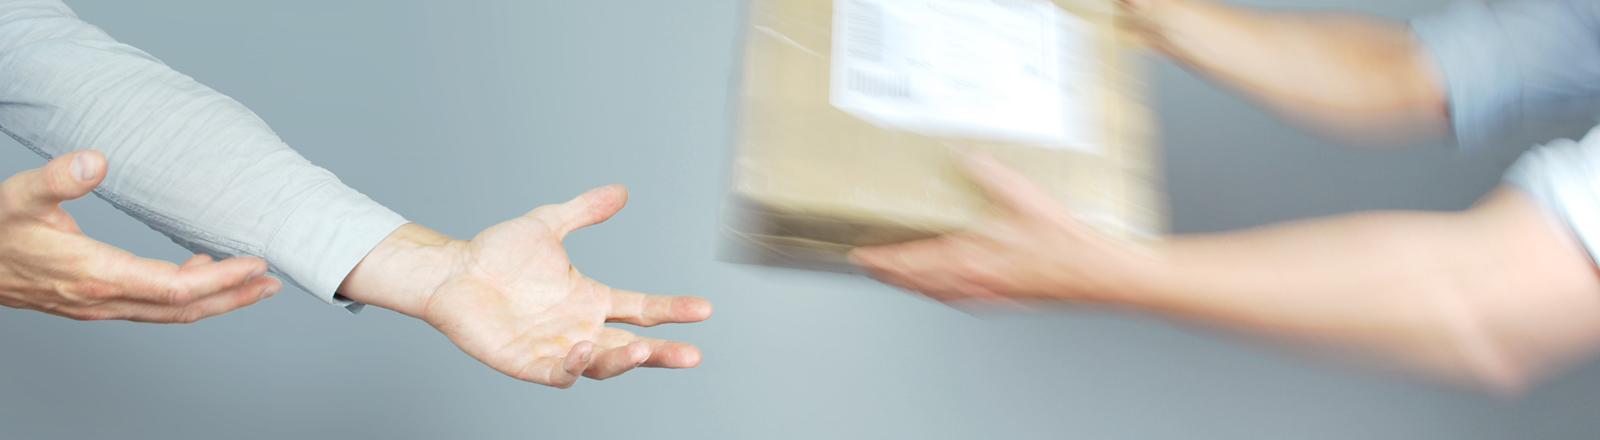 Zwei Hände, die ein Paket an zwei andere Hände weiterreichen